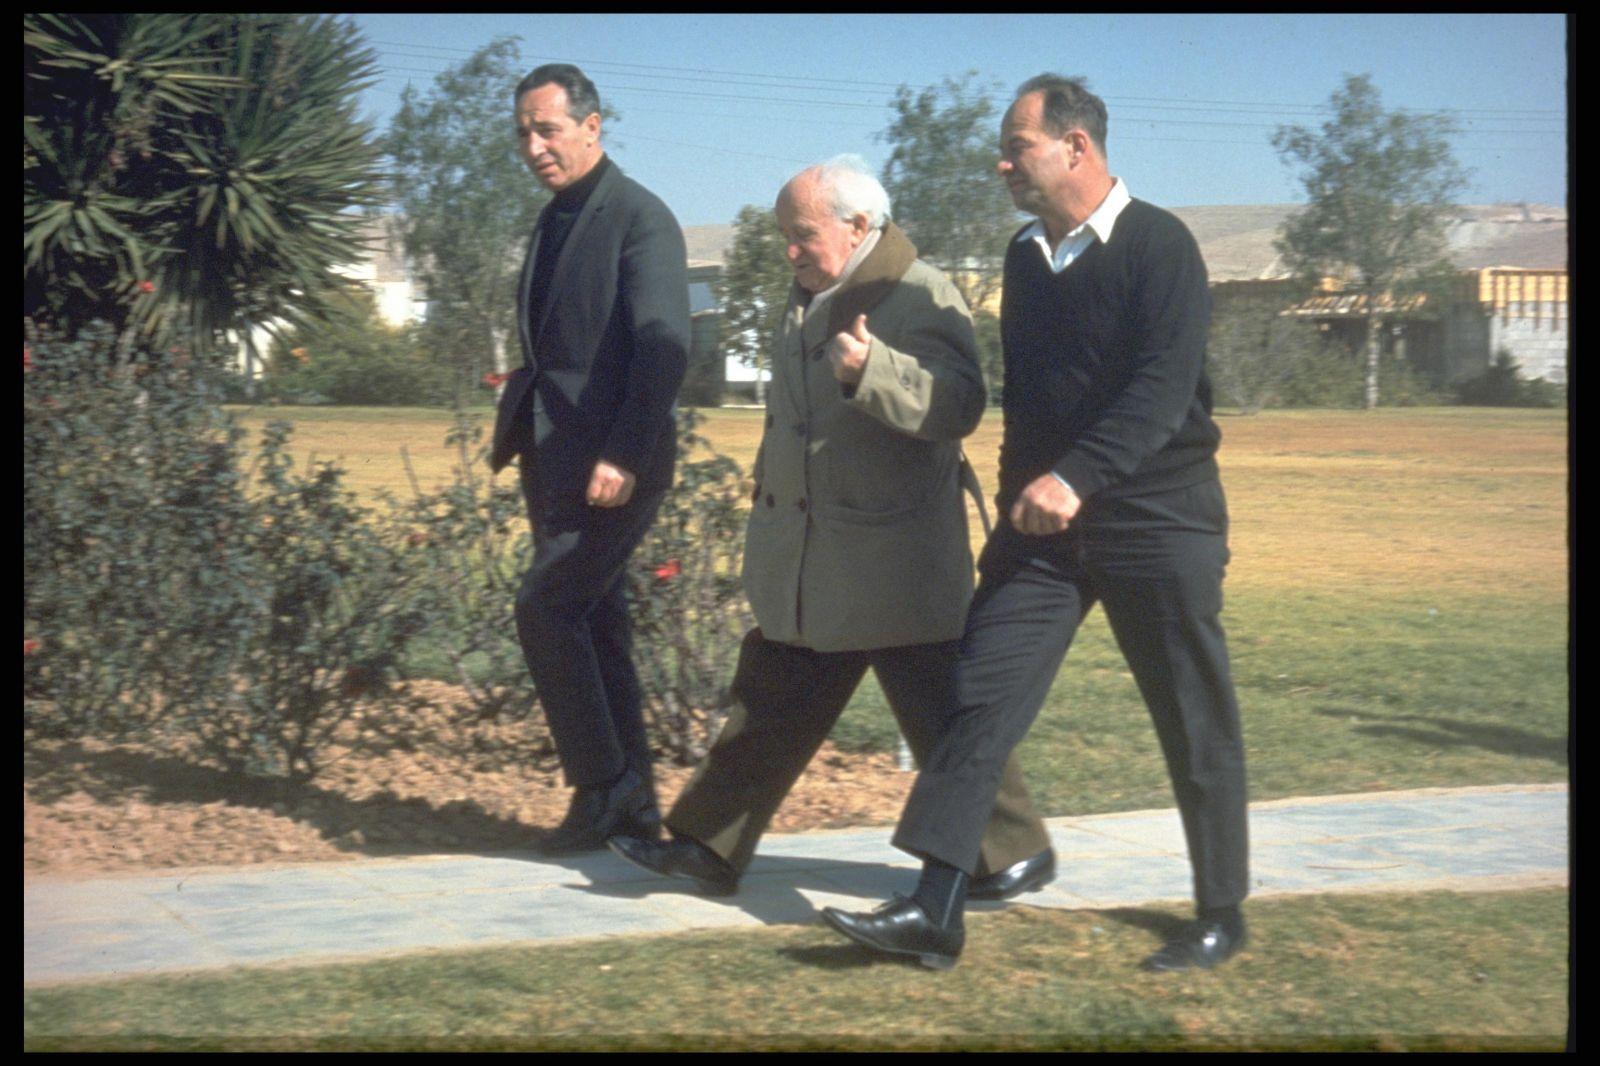 """דוד בן-גוריון בטיולו הרגלי היומי בקיבוץ שדה-בוקר בנגב. משמאל: שמעון פרס. 1.3.1969 (צילום: לע""""מ)"""